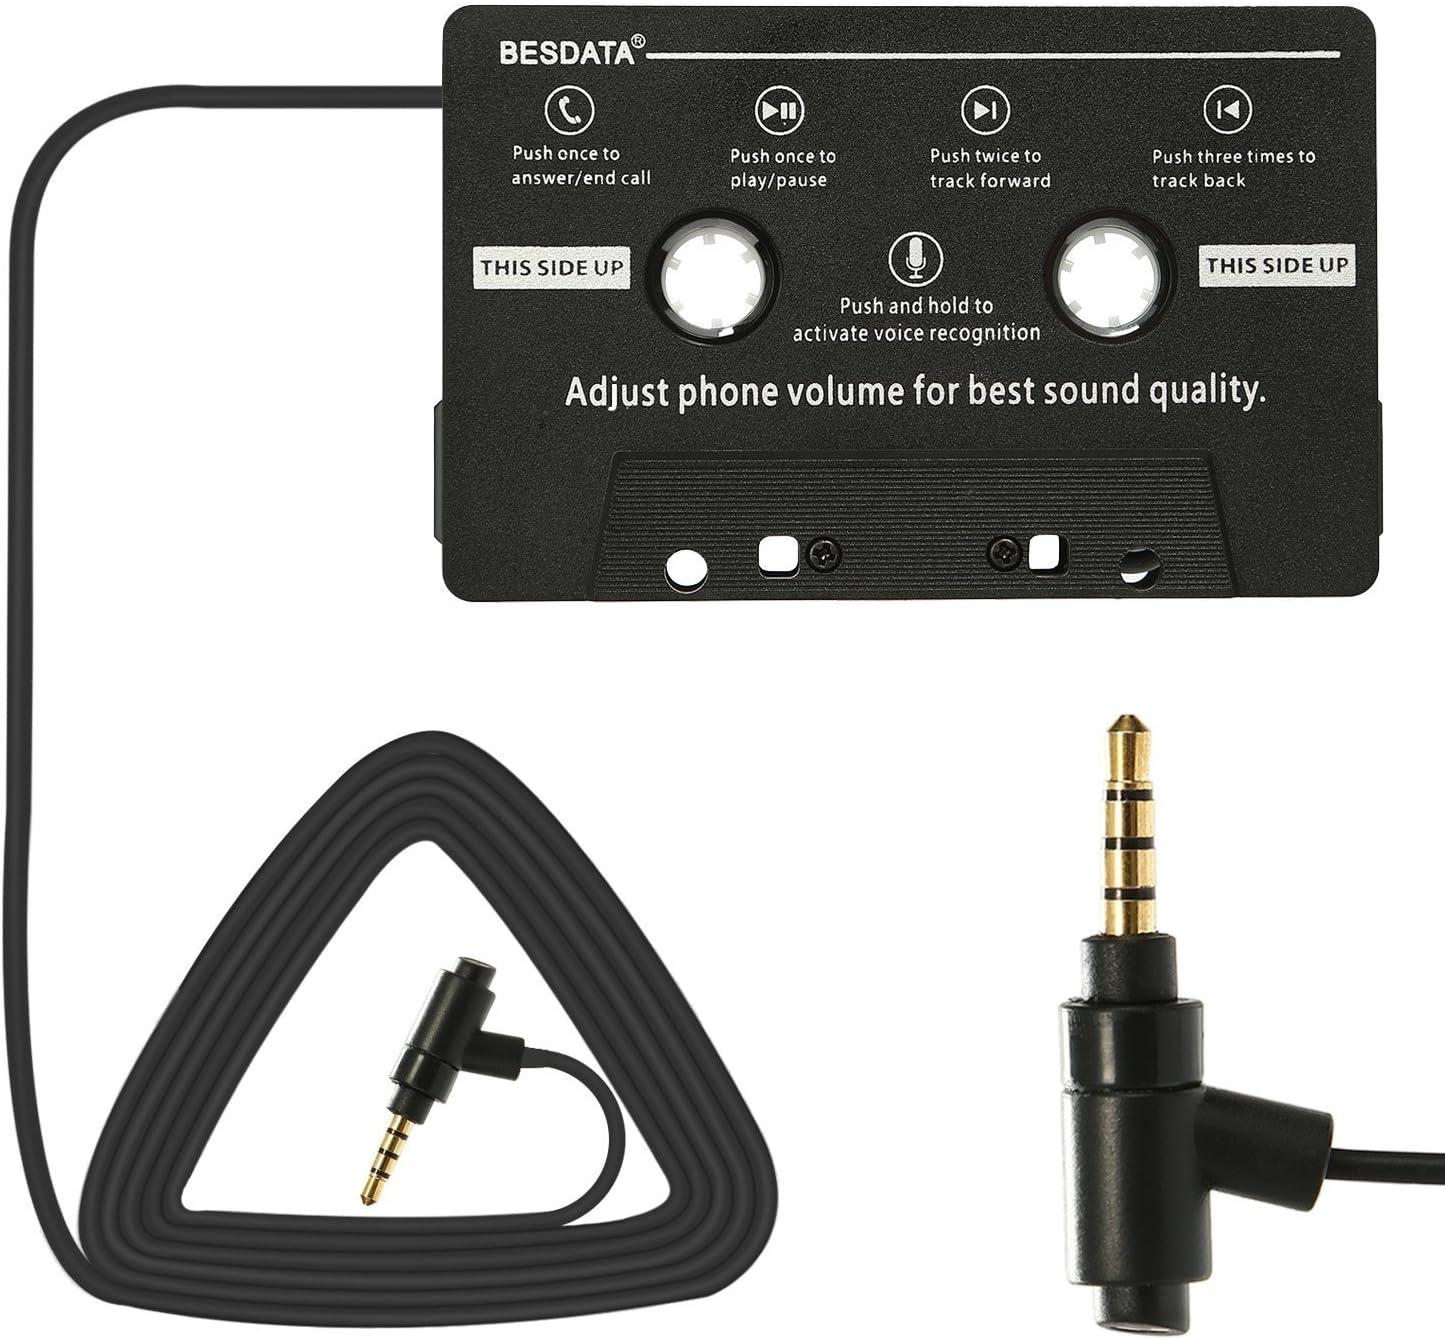 BESDATA Adaptador de Cassette para Coche para iPod, iPad, iPhone, MP3, Dispositivos MOviles, Cable 3 Pies de Largo 3.5mm Macho y 2.5mm Adaptador Macho con Microfono para llamada -KD300 Cambio de Music